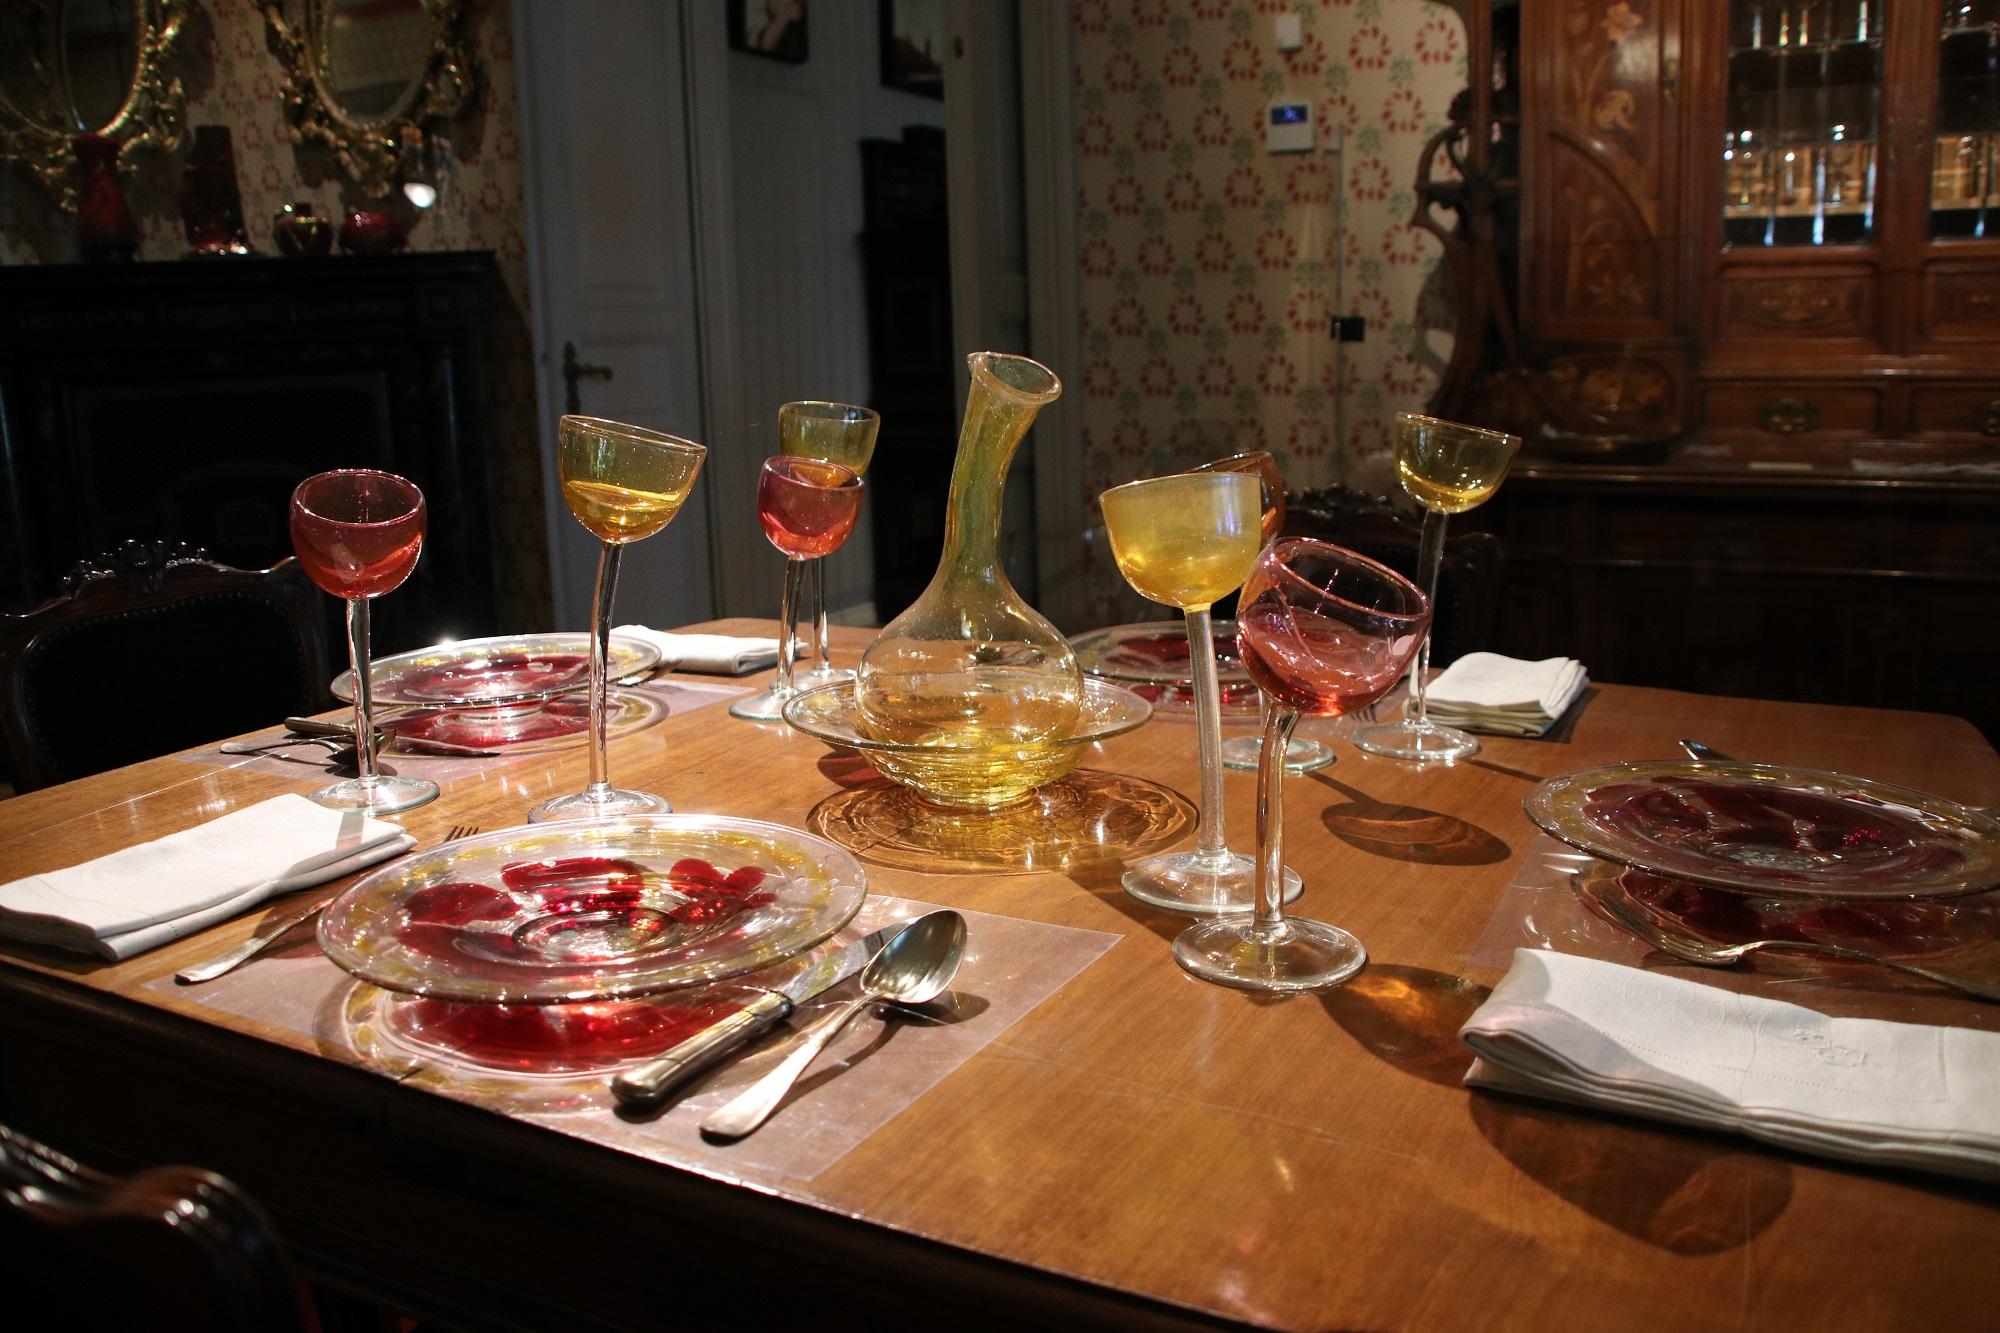 Hajónapló-Különleges poharak díszítették a Ráth György-villát